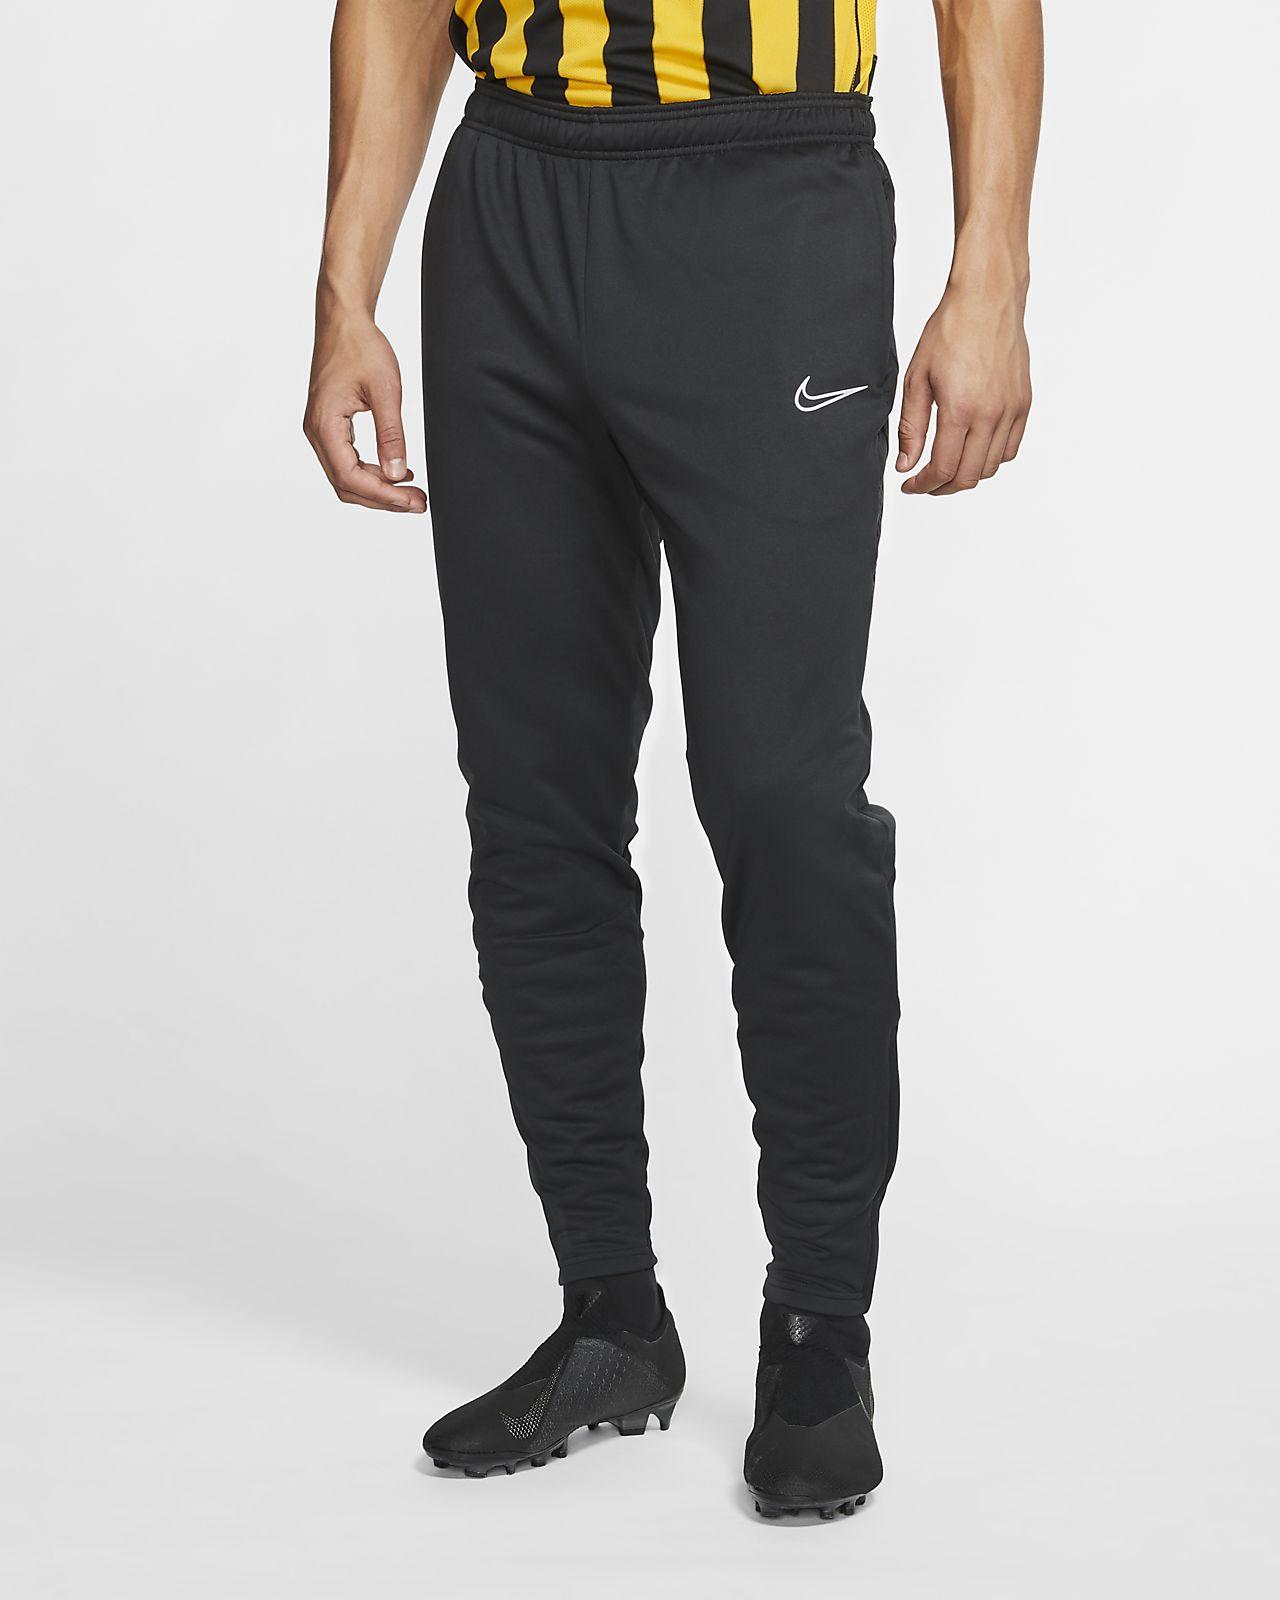 Pánské fotbalové kalhoty Nike Therma Academy